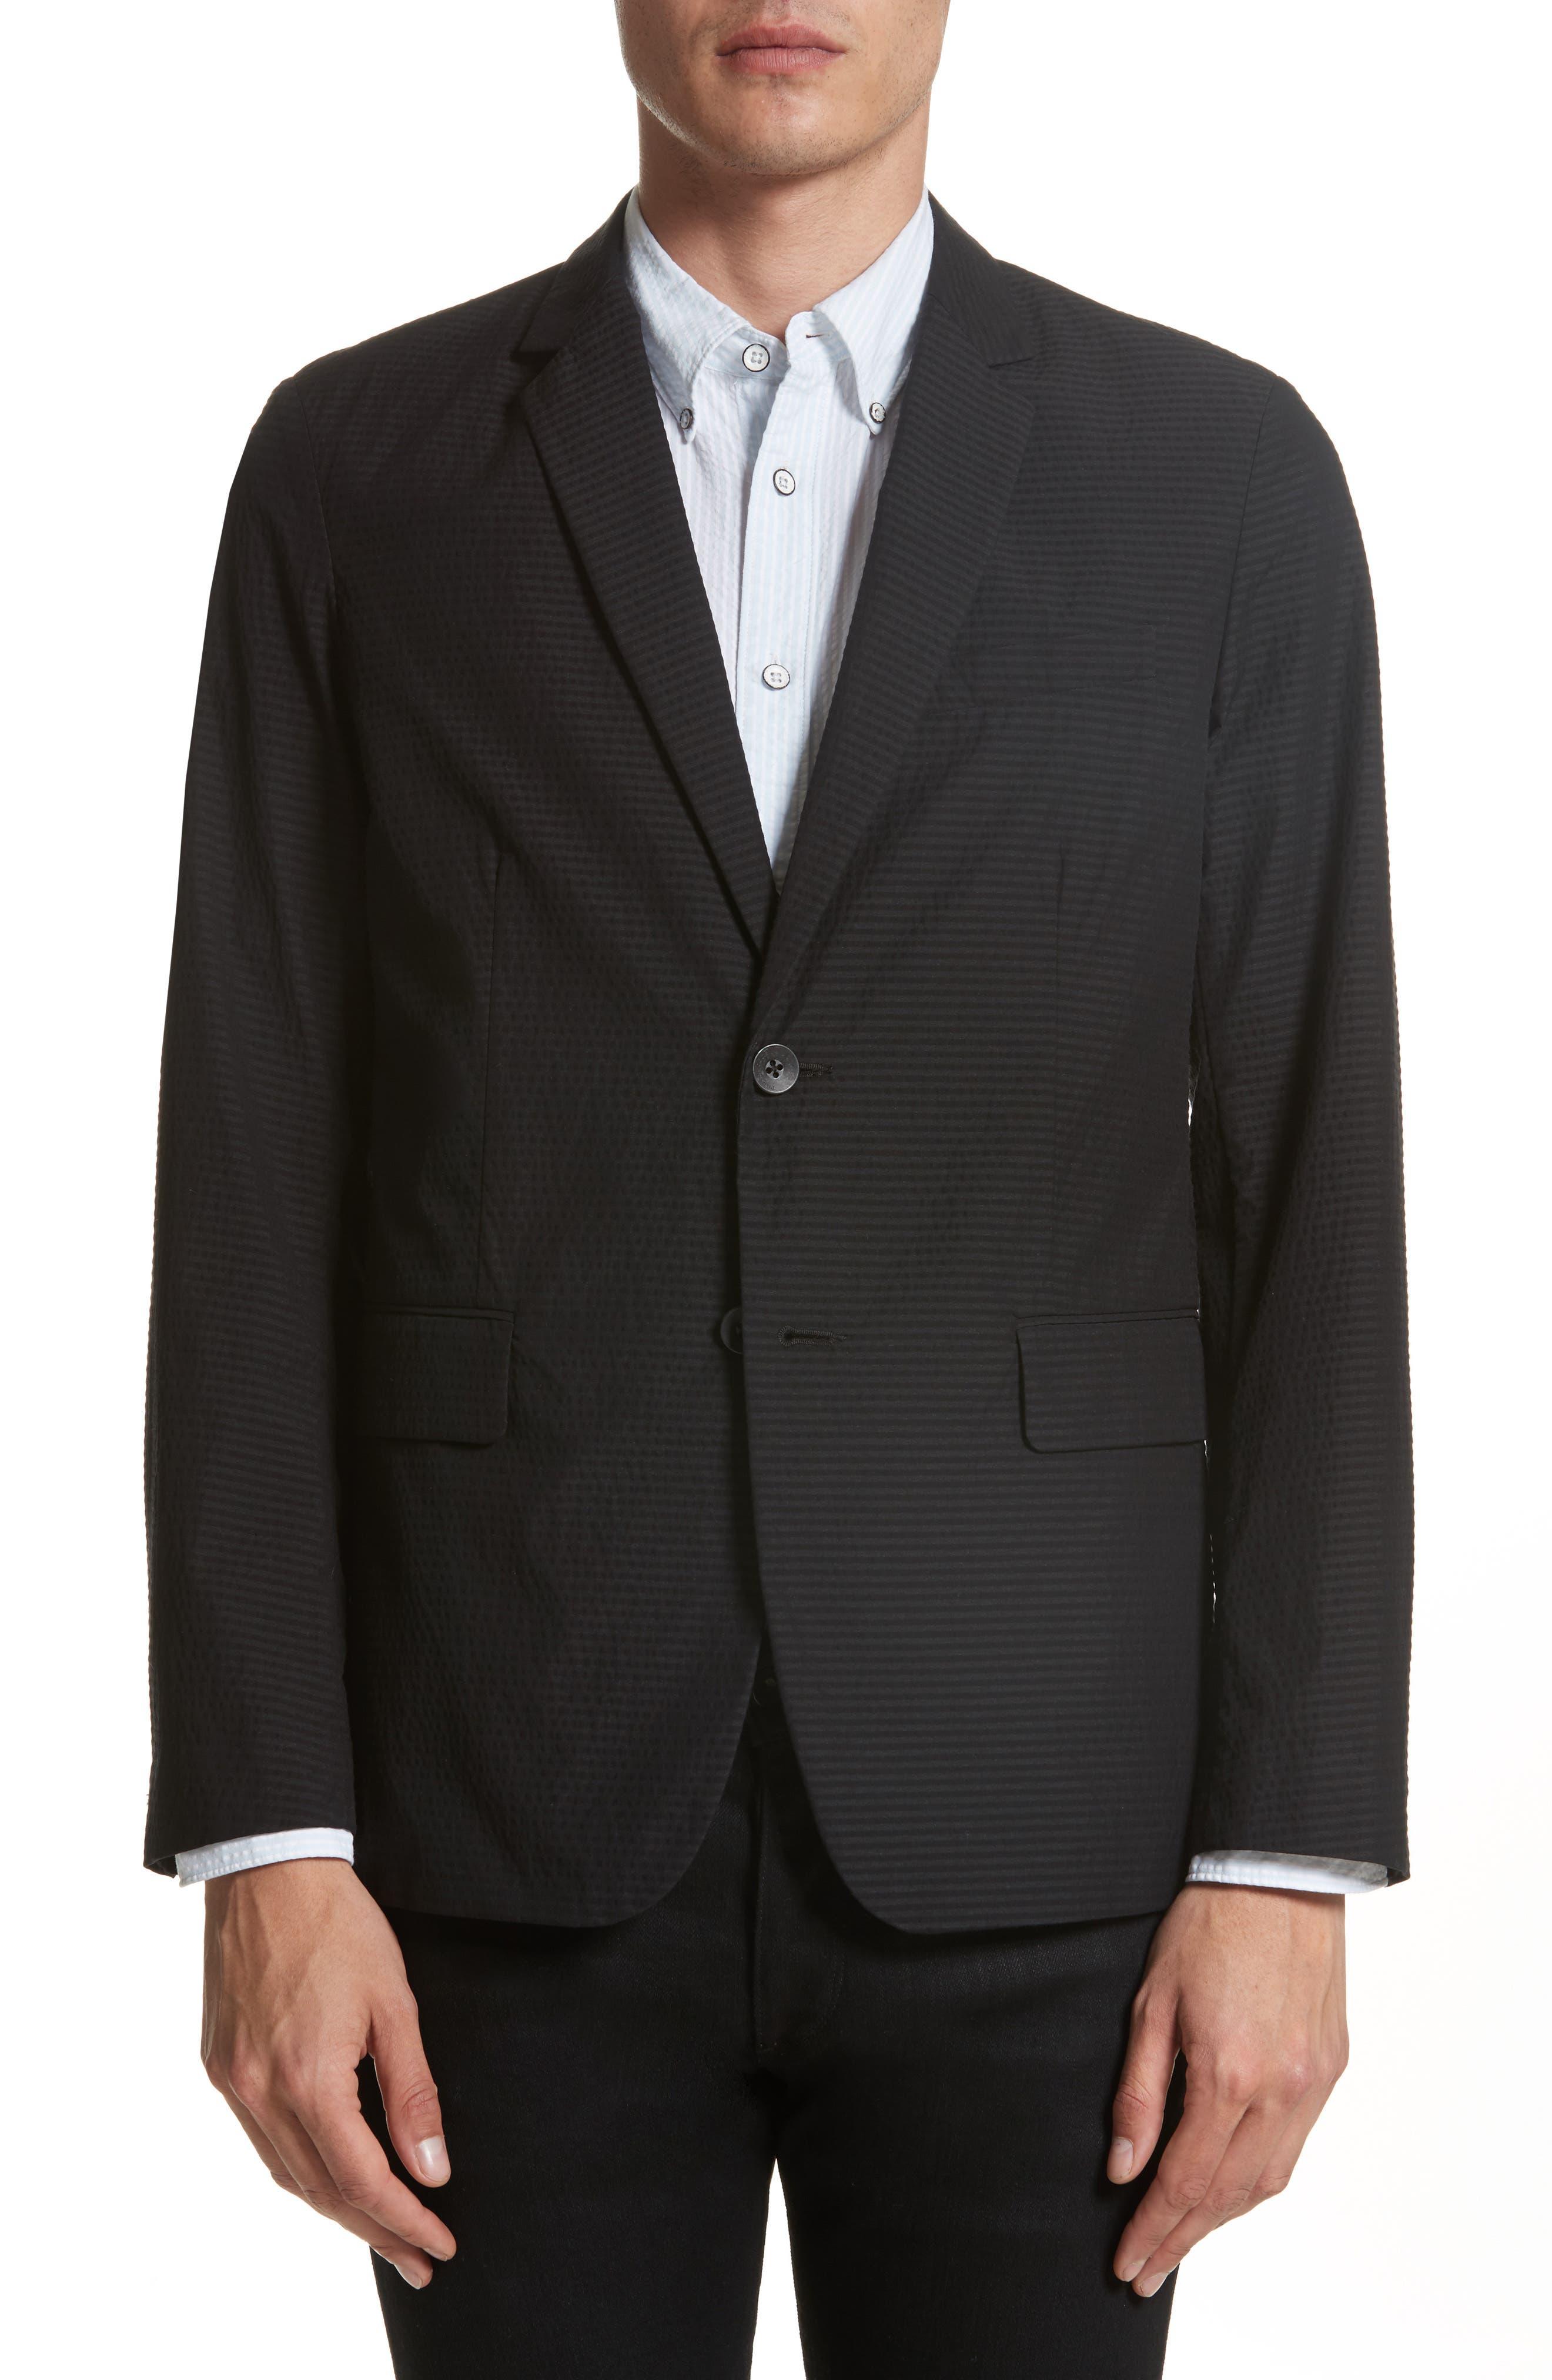 Philips Cotton Blend Blazer,                         Main,                         color, Black